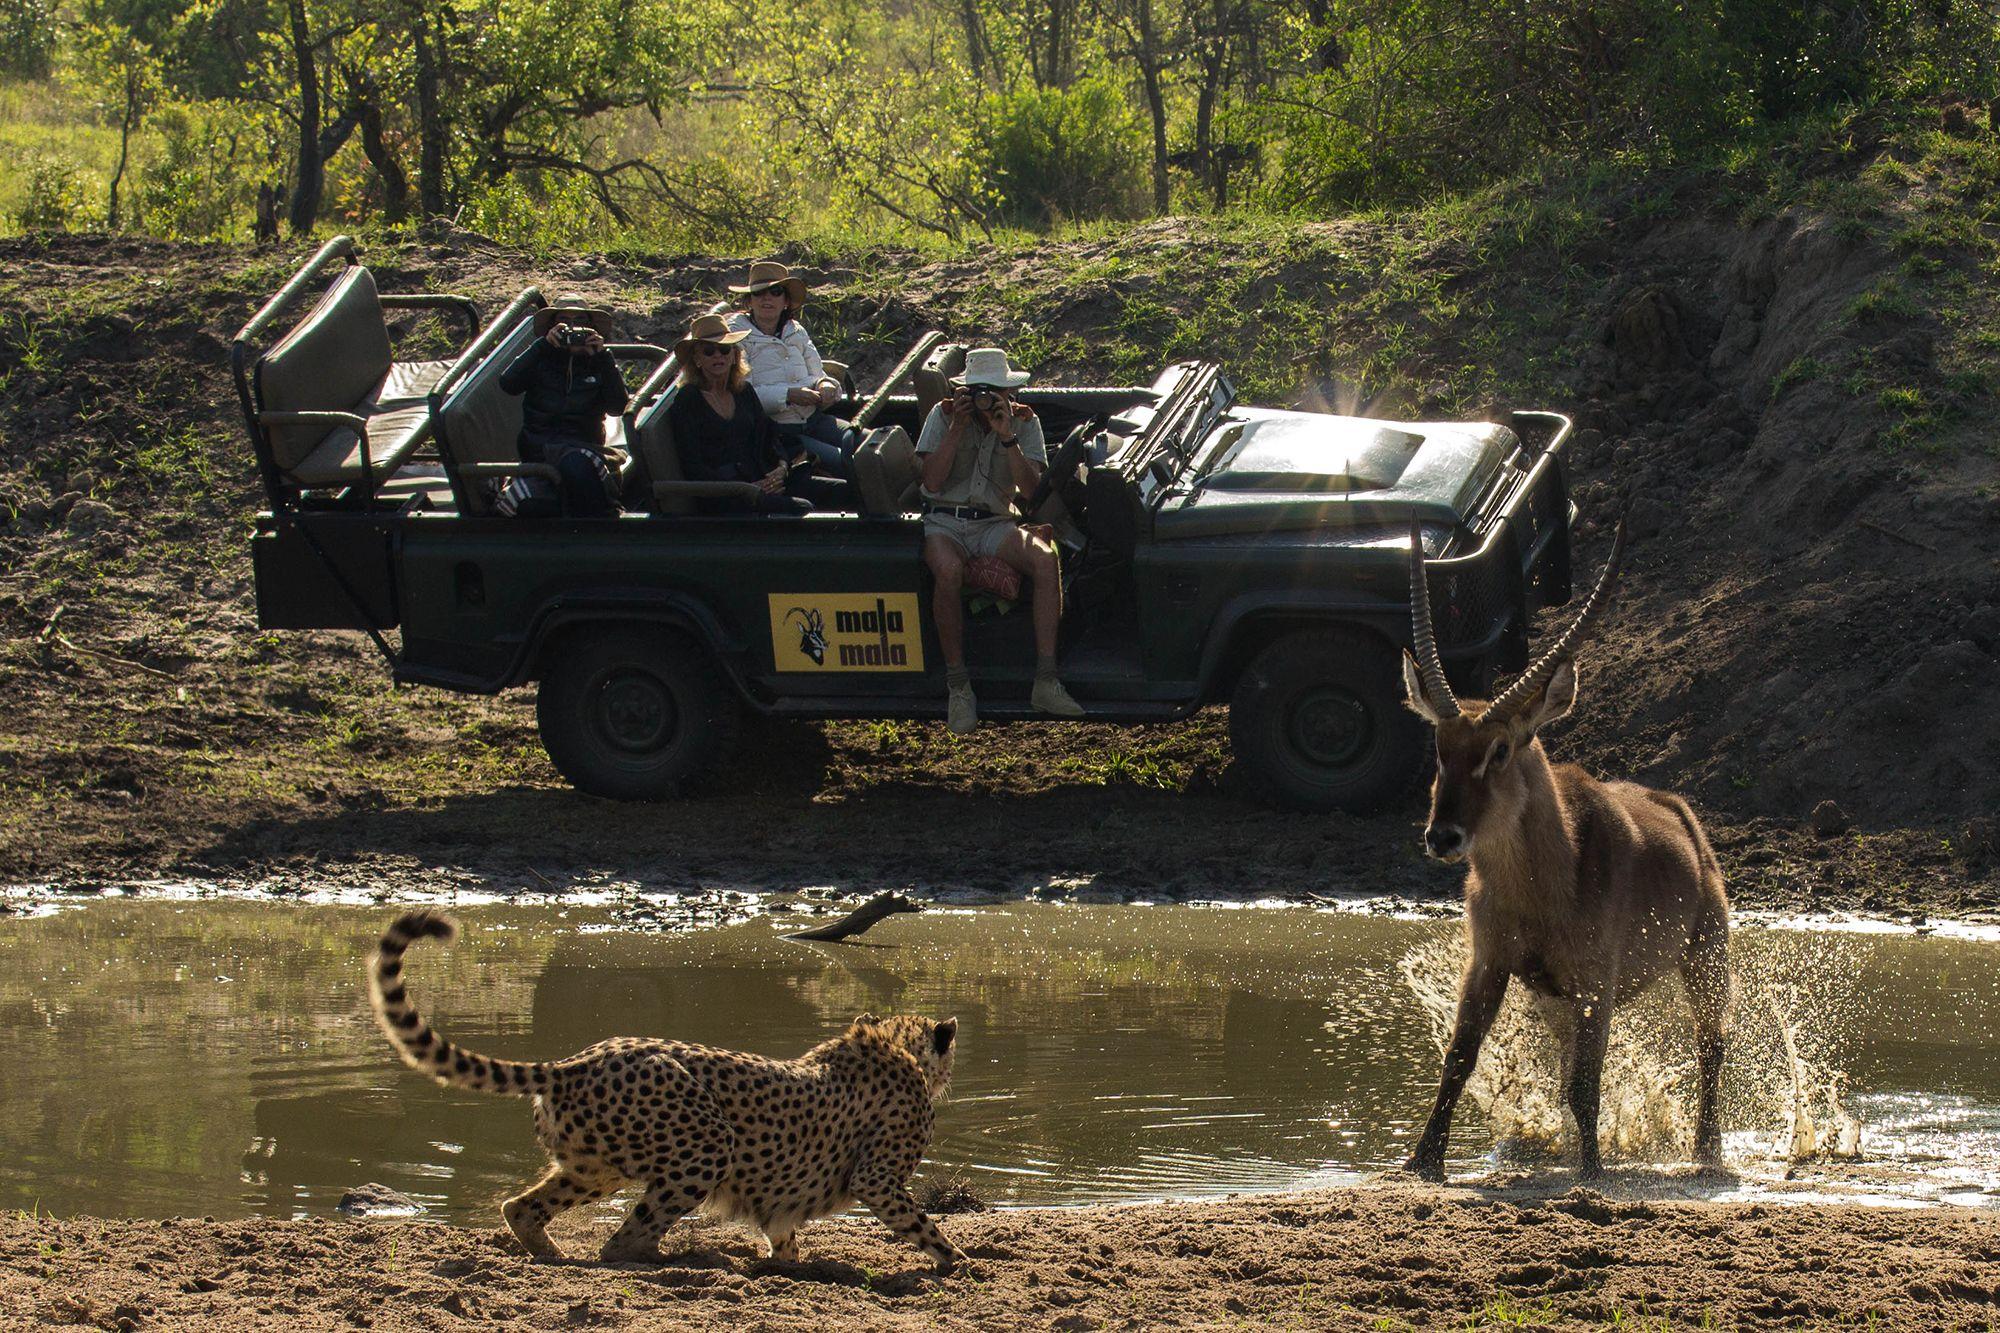 leopard attacks buck